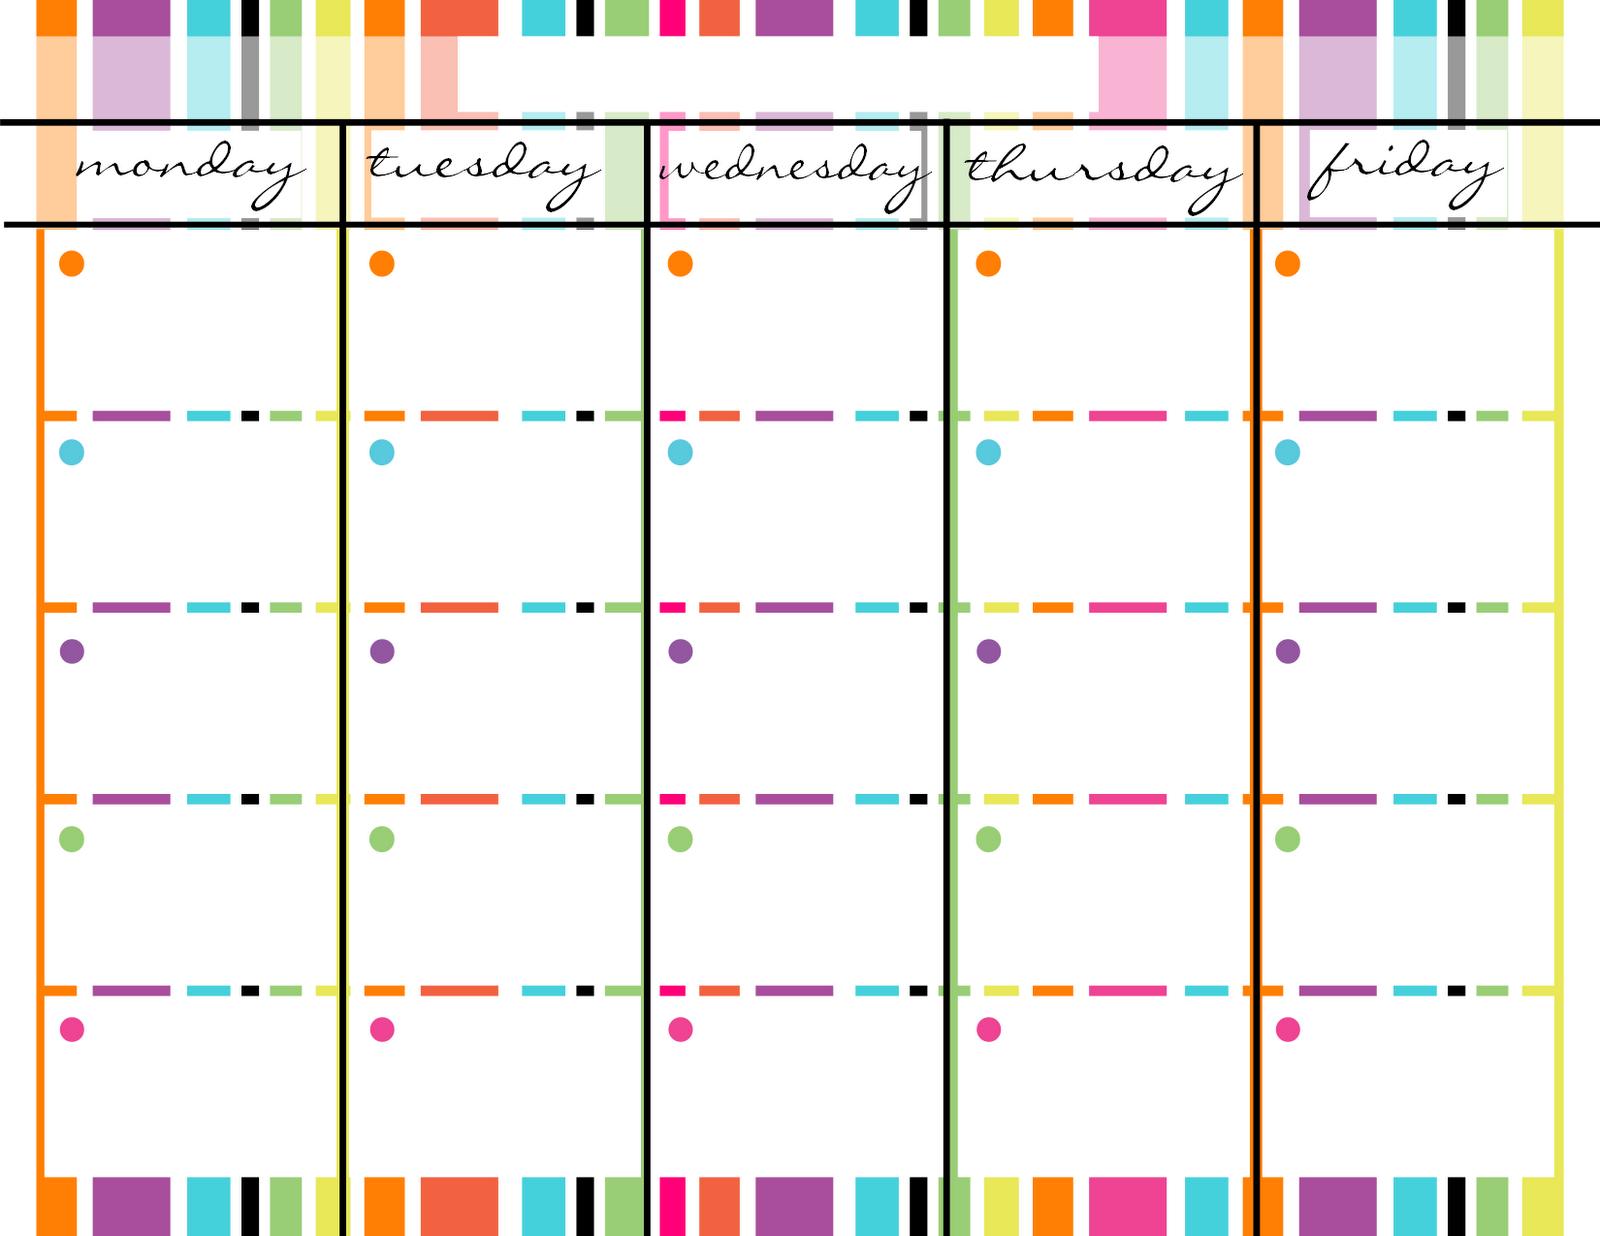 Blank Monday Through Friday Printable Calendar | Blank intended for Monday Through Sunday Calendar Template